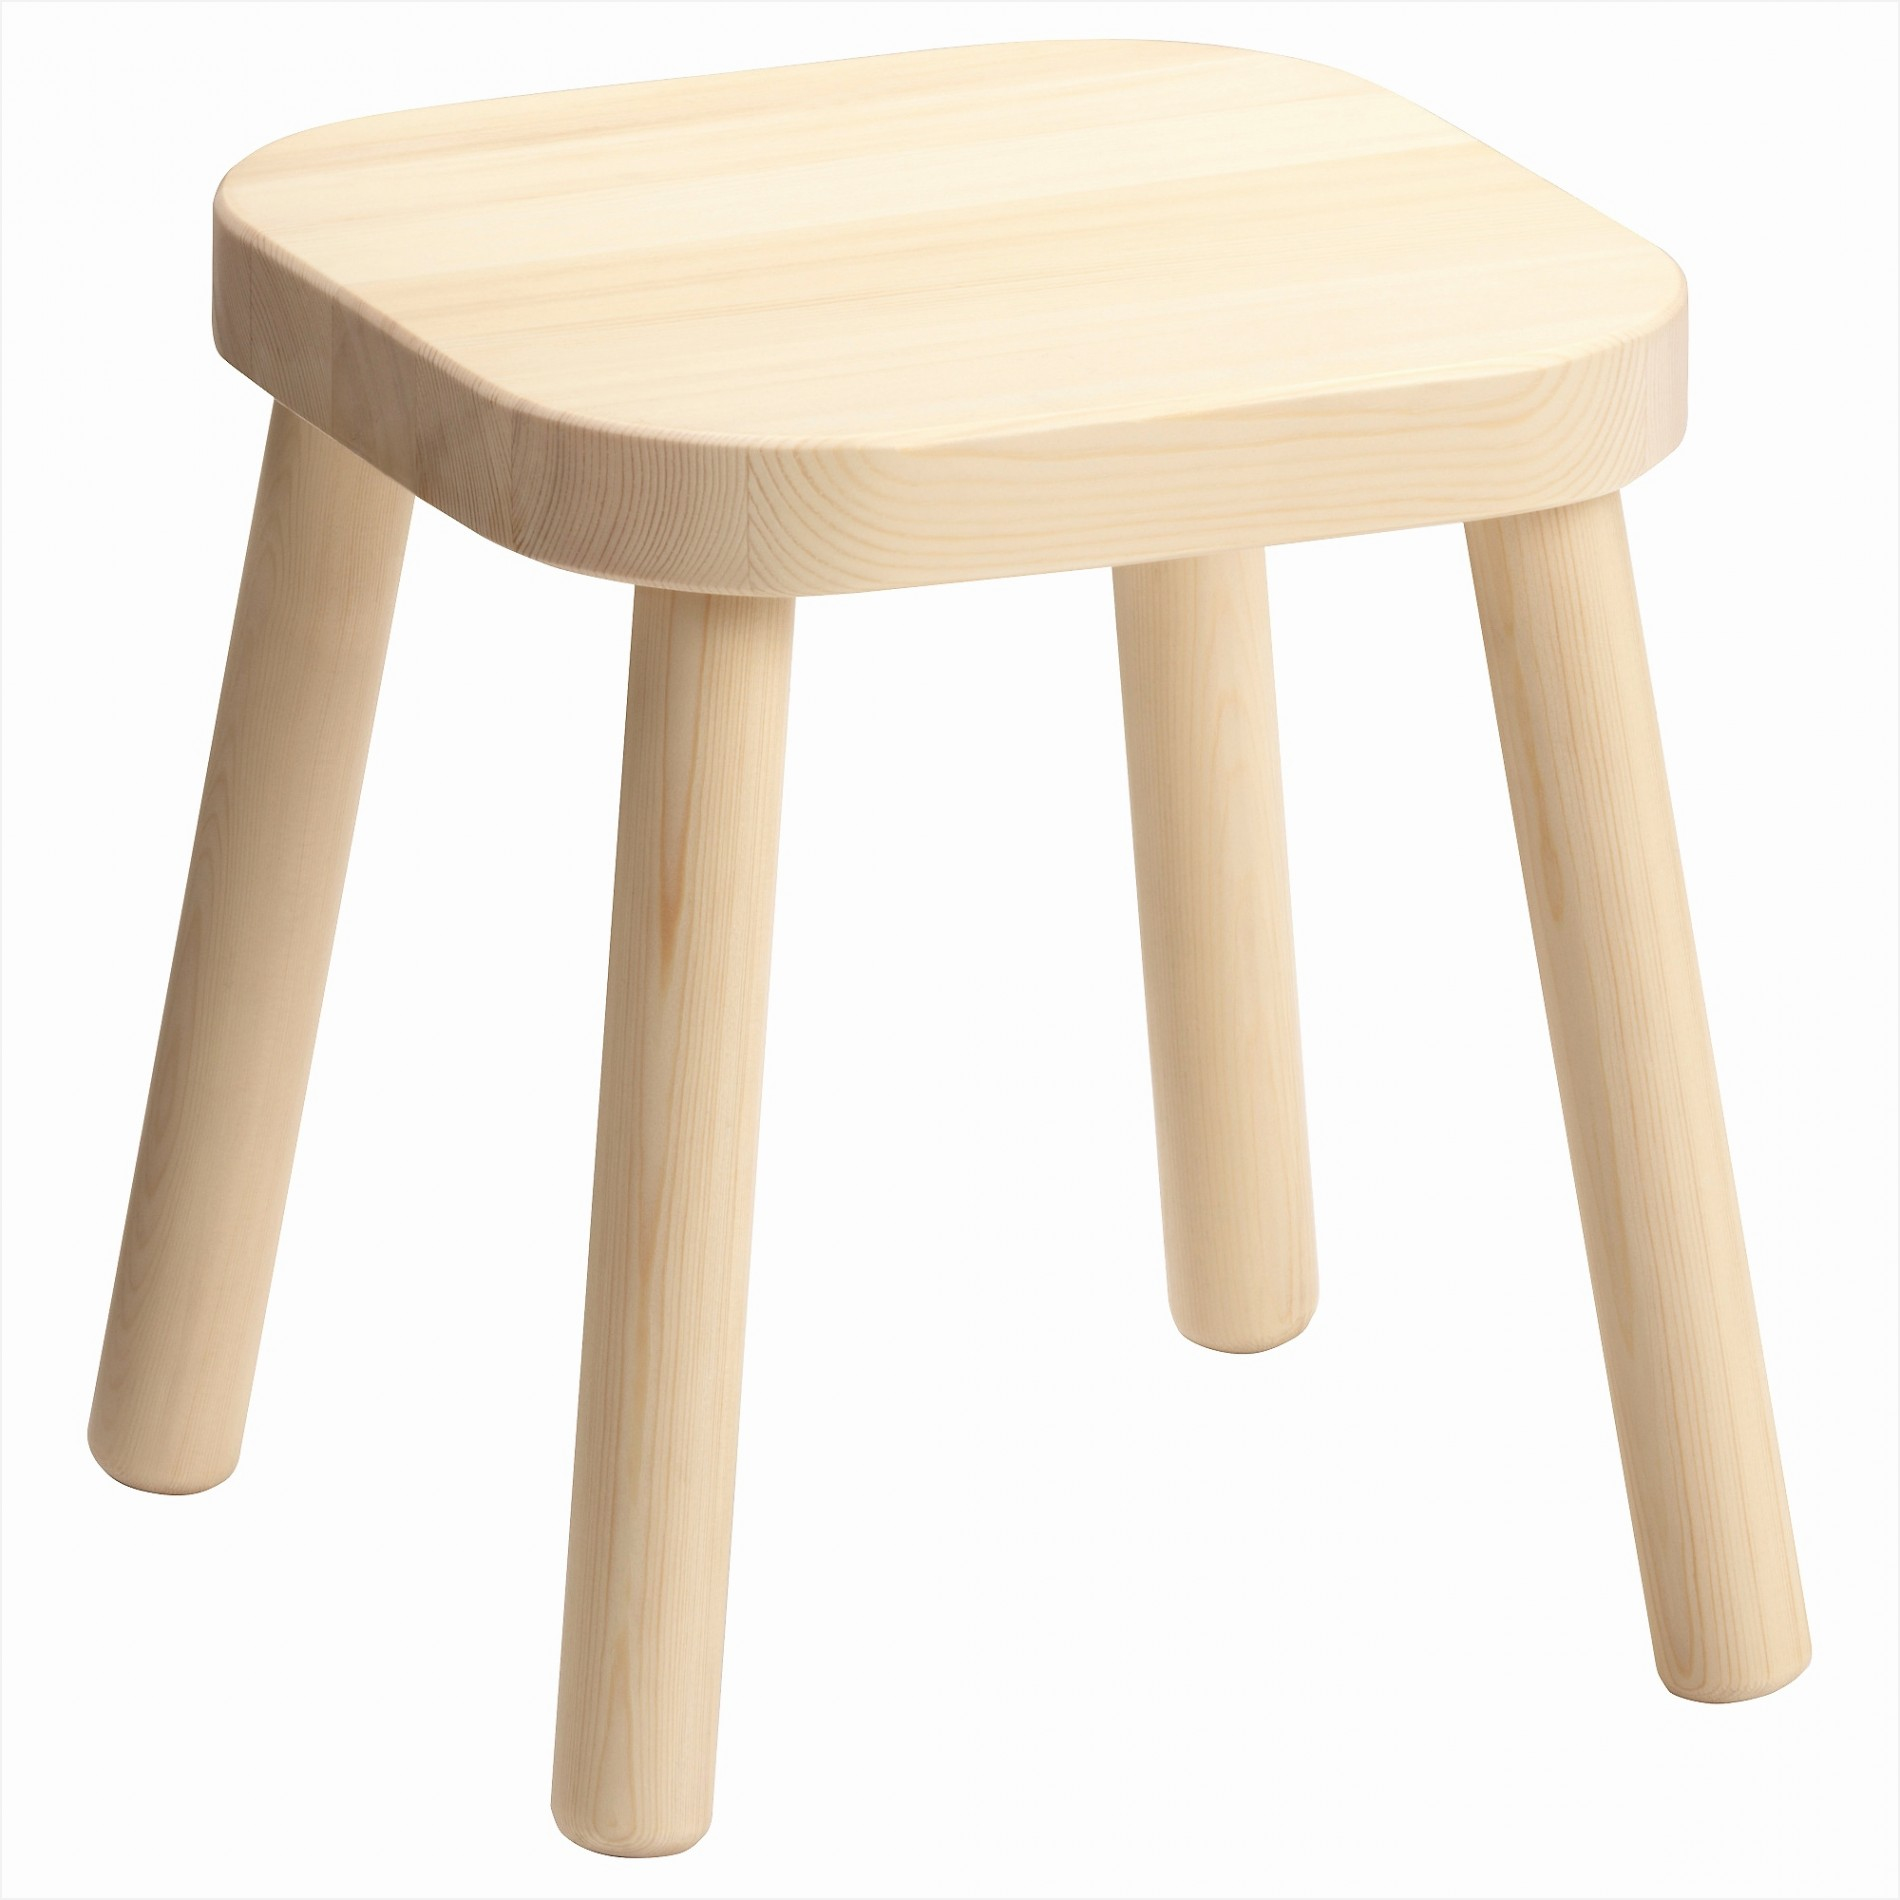 Ikea Angers 49000 Adresse Beau Photos Tabouret Pliant Ikea Frais 50 Unique Chaise Henriksdal Meubles